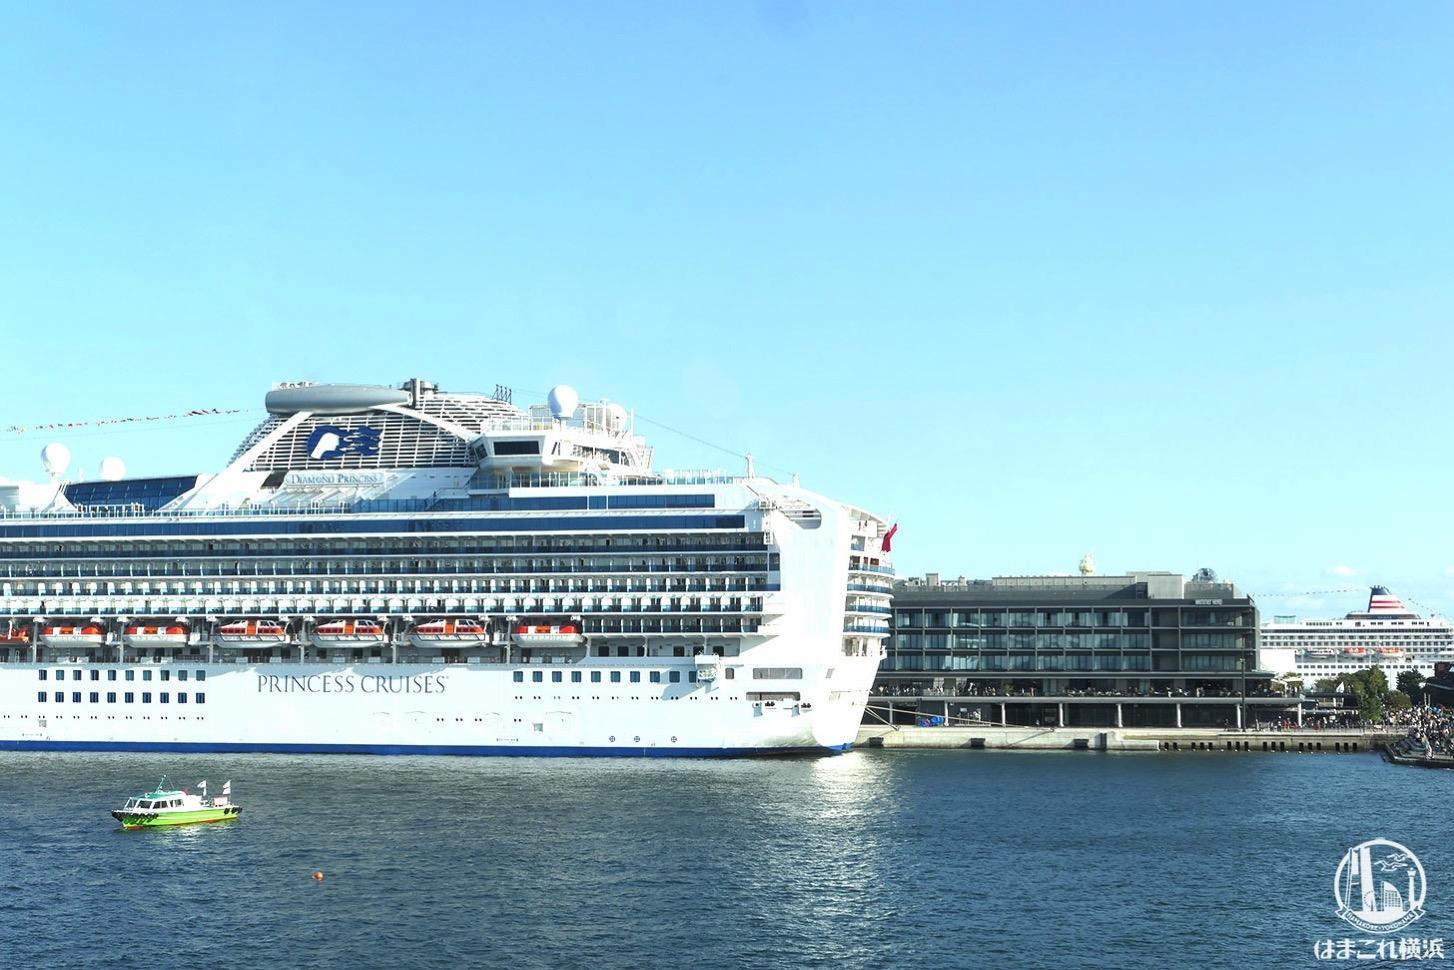 マリンブルーの窓側席から見た横浜ハンマーヘッドと横浜港大さん橋に着岸中の大型客船